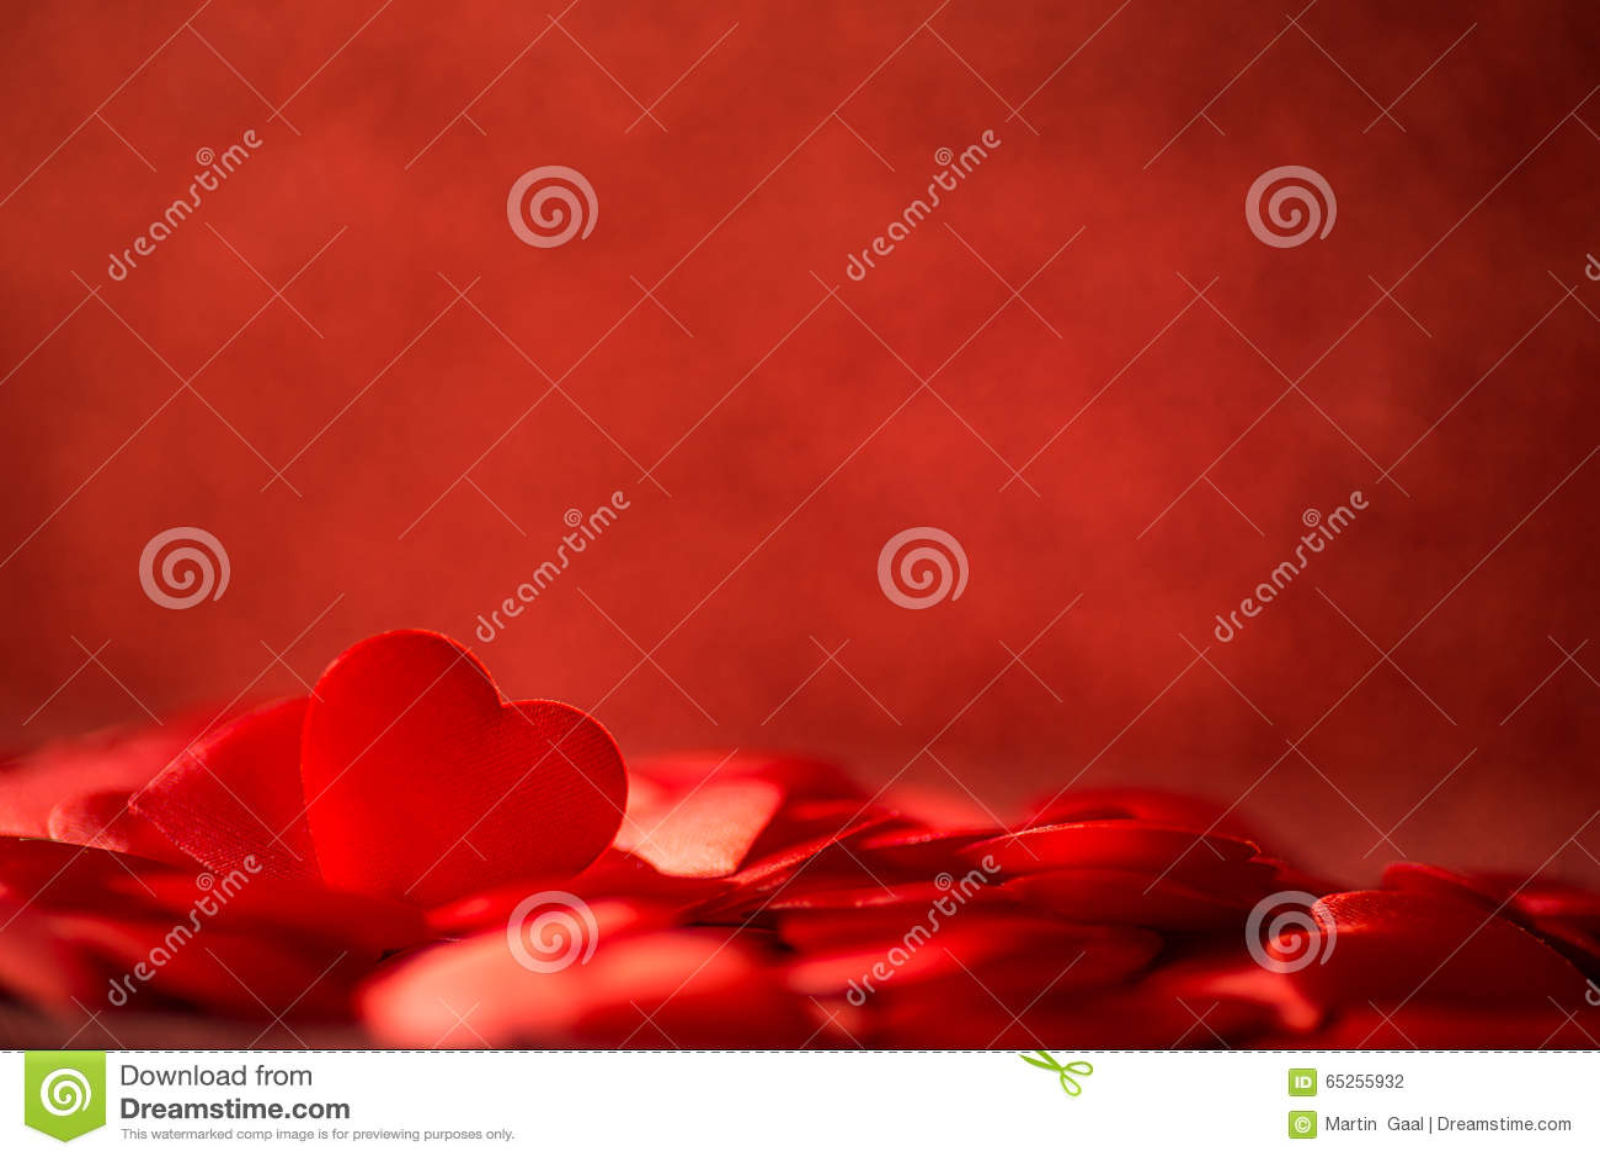 Δύο κόκκινες καρδιές σατέν στο κόκκινο υπόβαθρο ημέρας υποβάθρου, βαλεντίνων ή μητέρων, αγαπούν